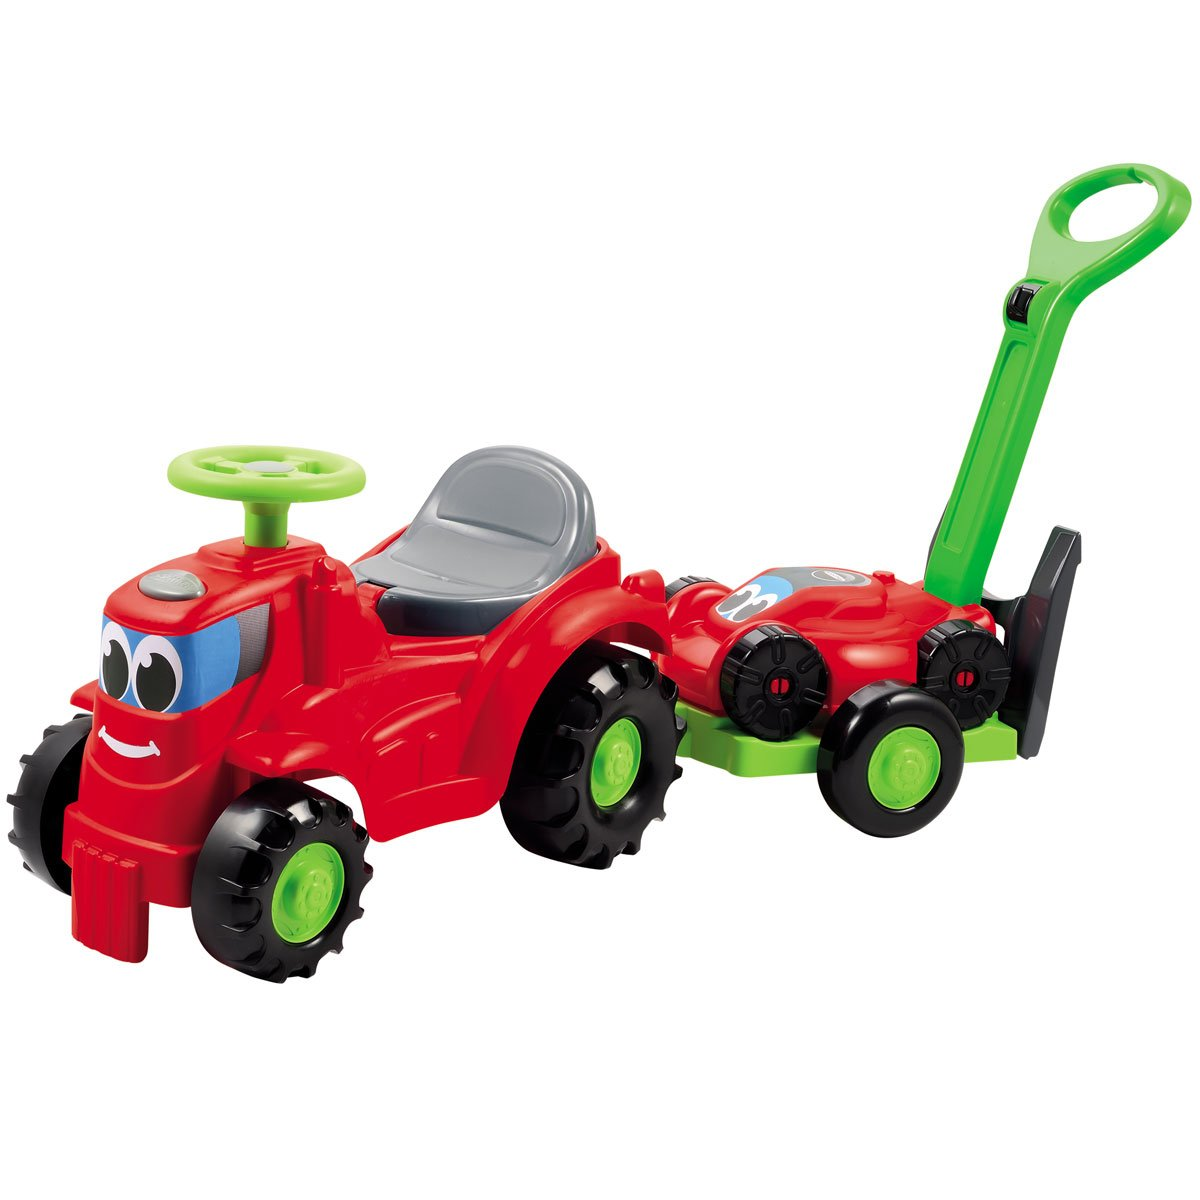 Unbekannt Rutscherfahrzeug Traktor mit Anhänger und Rasenmäher, 103 cm • Kinder Auto Baby Rutscher Rutschauto Kinderfahrzeug Rasenmäher Superpack Siehe Beschreibung